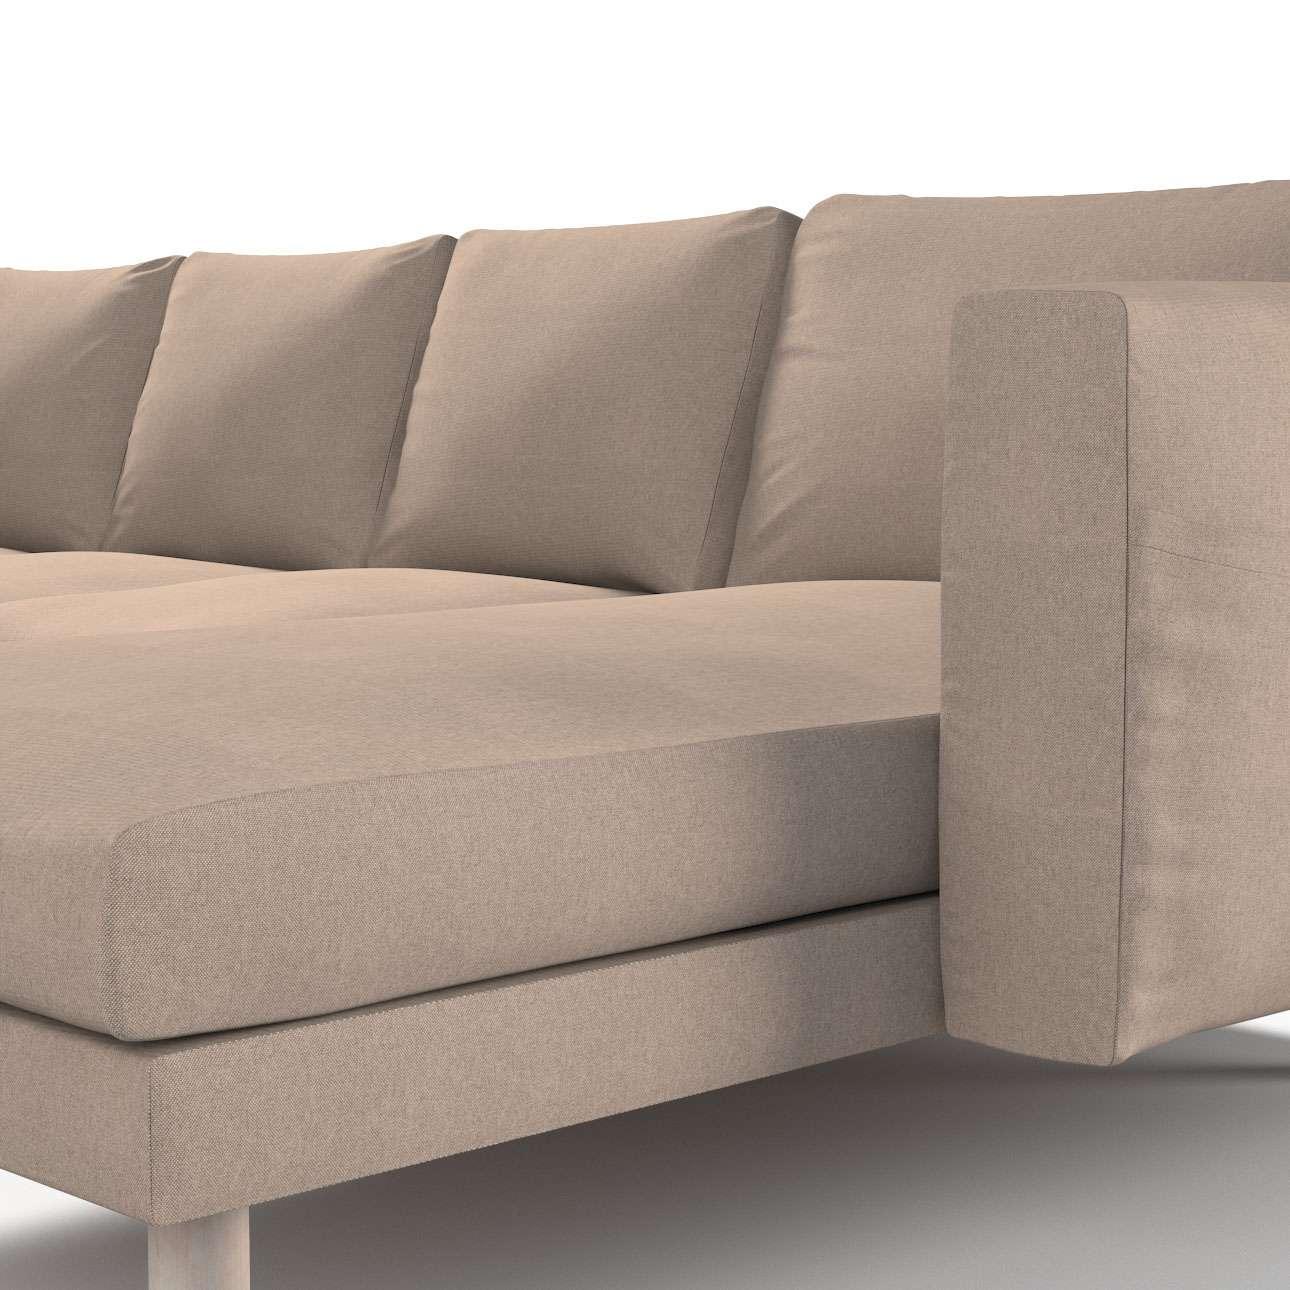 Pokrowiec na sofę Norsborg 4-osobową z szezlongiem w kolekcji Etna, tkanina: 705-09